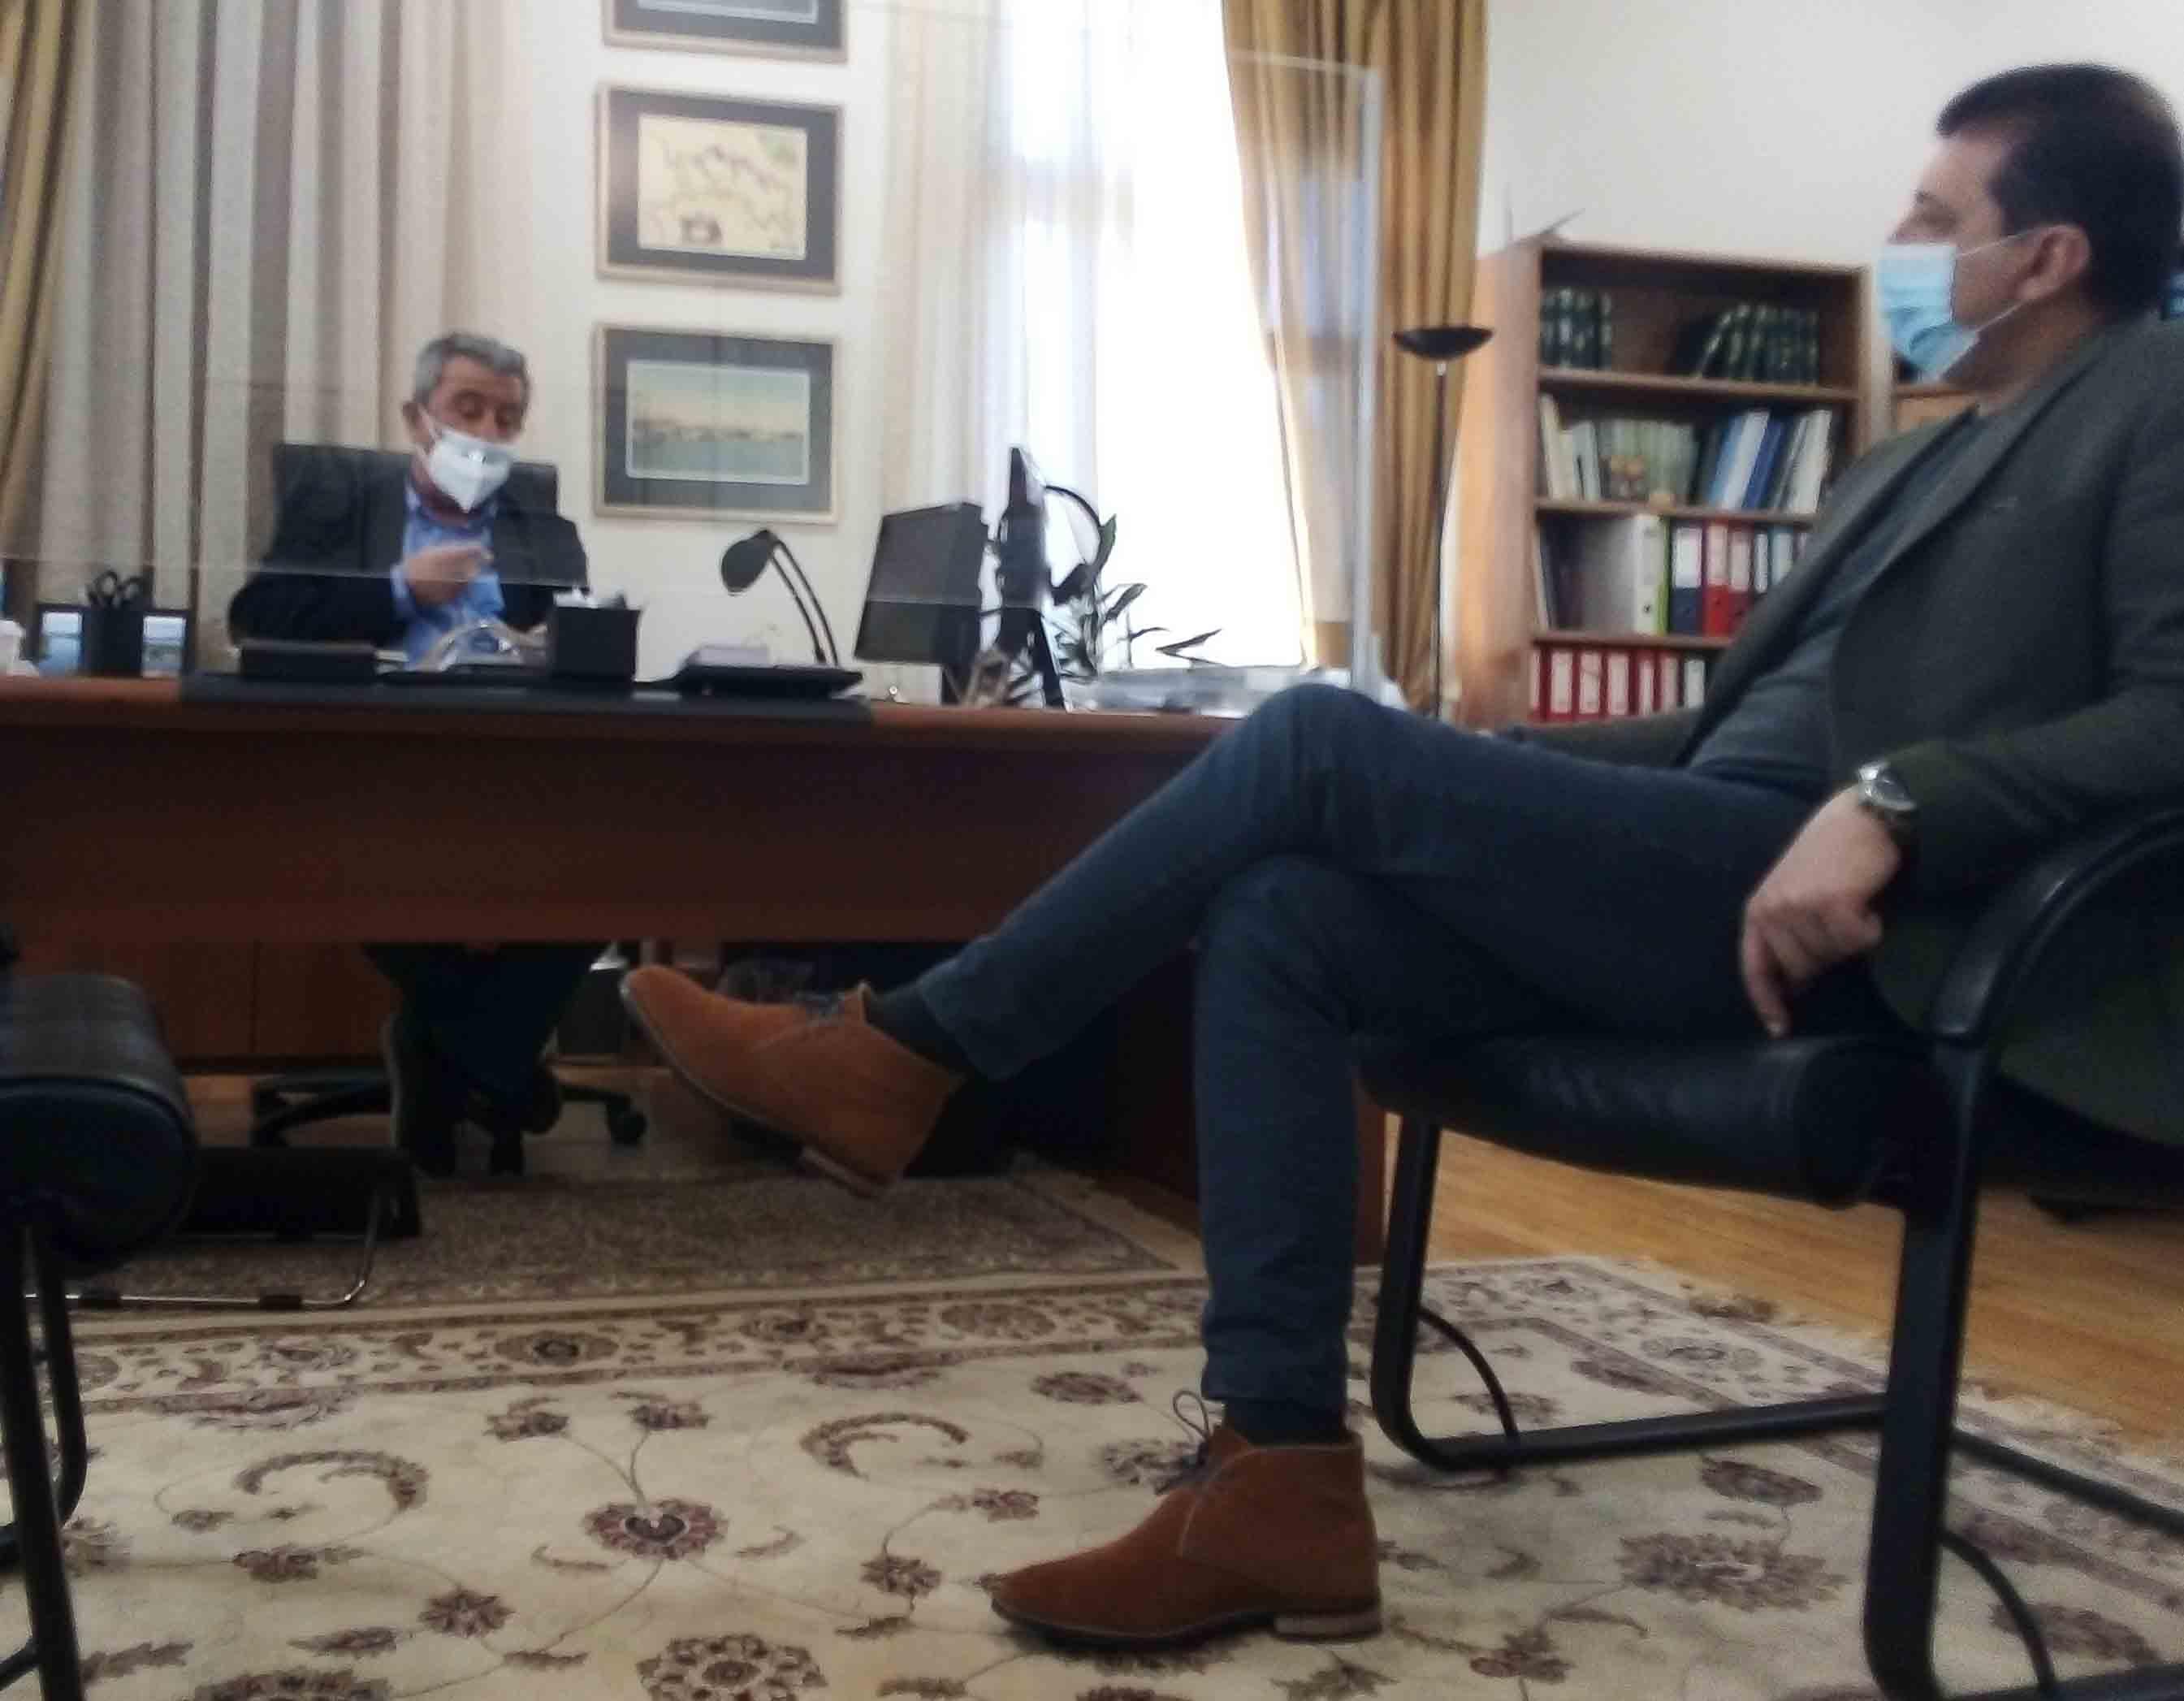 Δελτίο τύπου για τη συνάντηση του Δημάρχου Δωδώνης και προέδρου της ΠΕΔ Ηπείρου με τον συντονιστή της Αποκεντρωμένης Διοίκησης Ηπείρου - Δυτικής Μακεδονίας